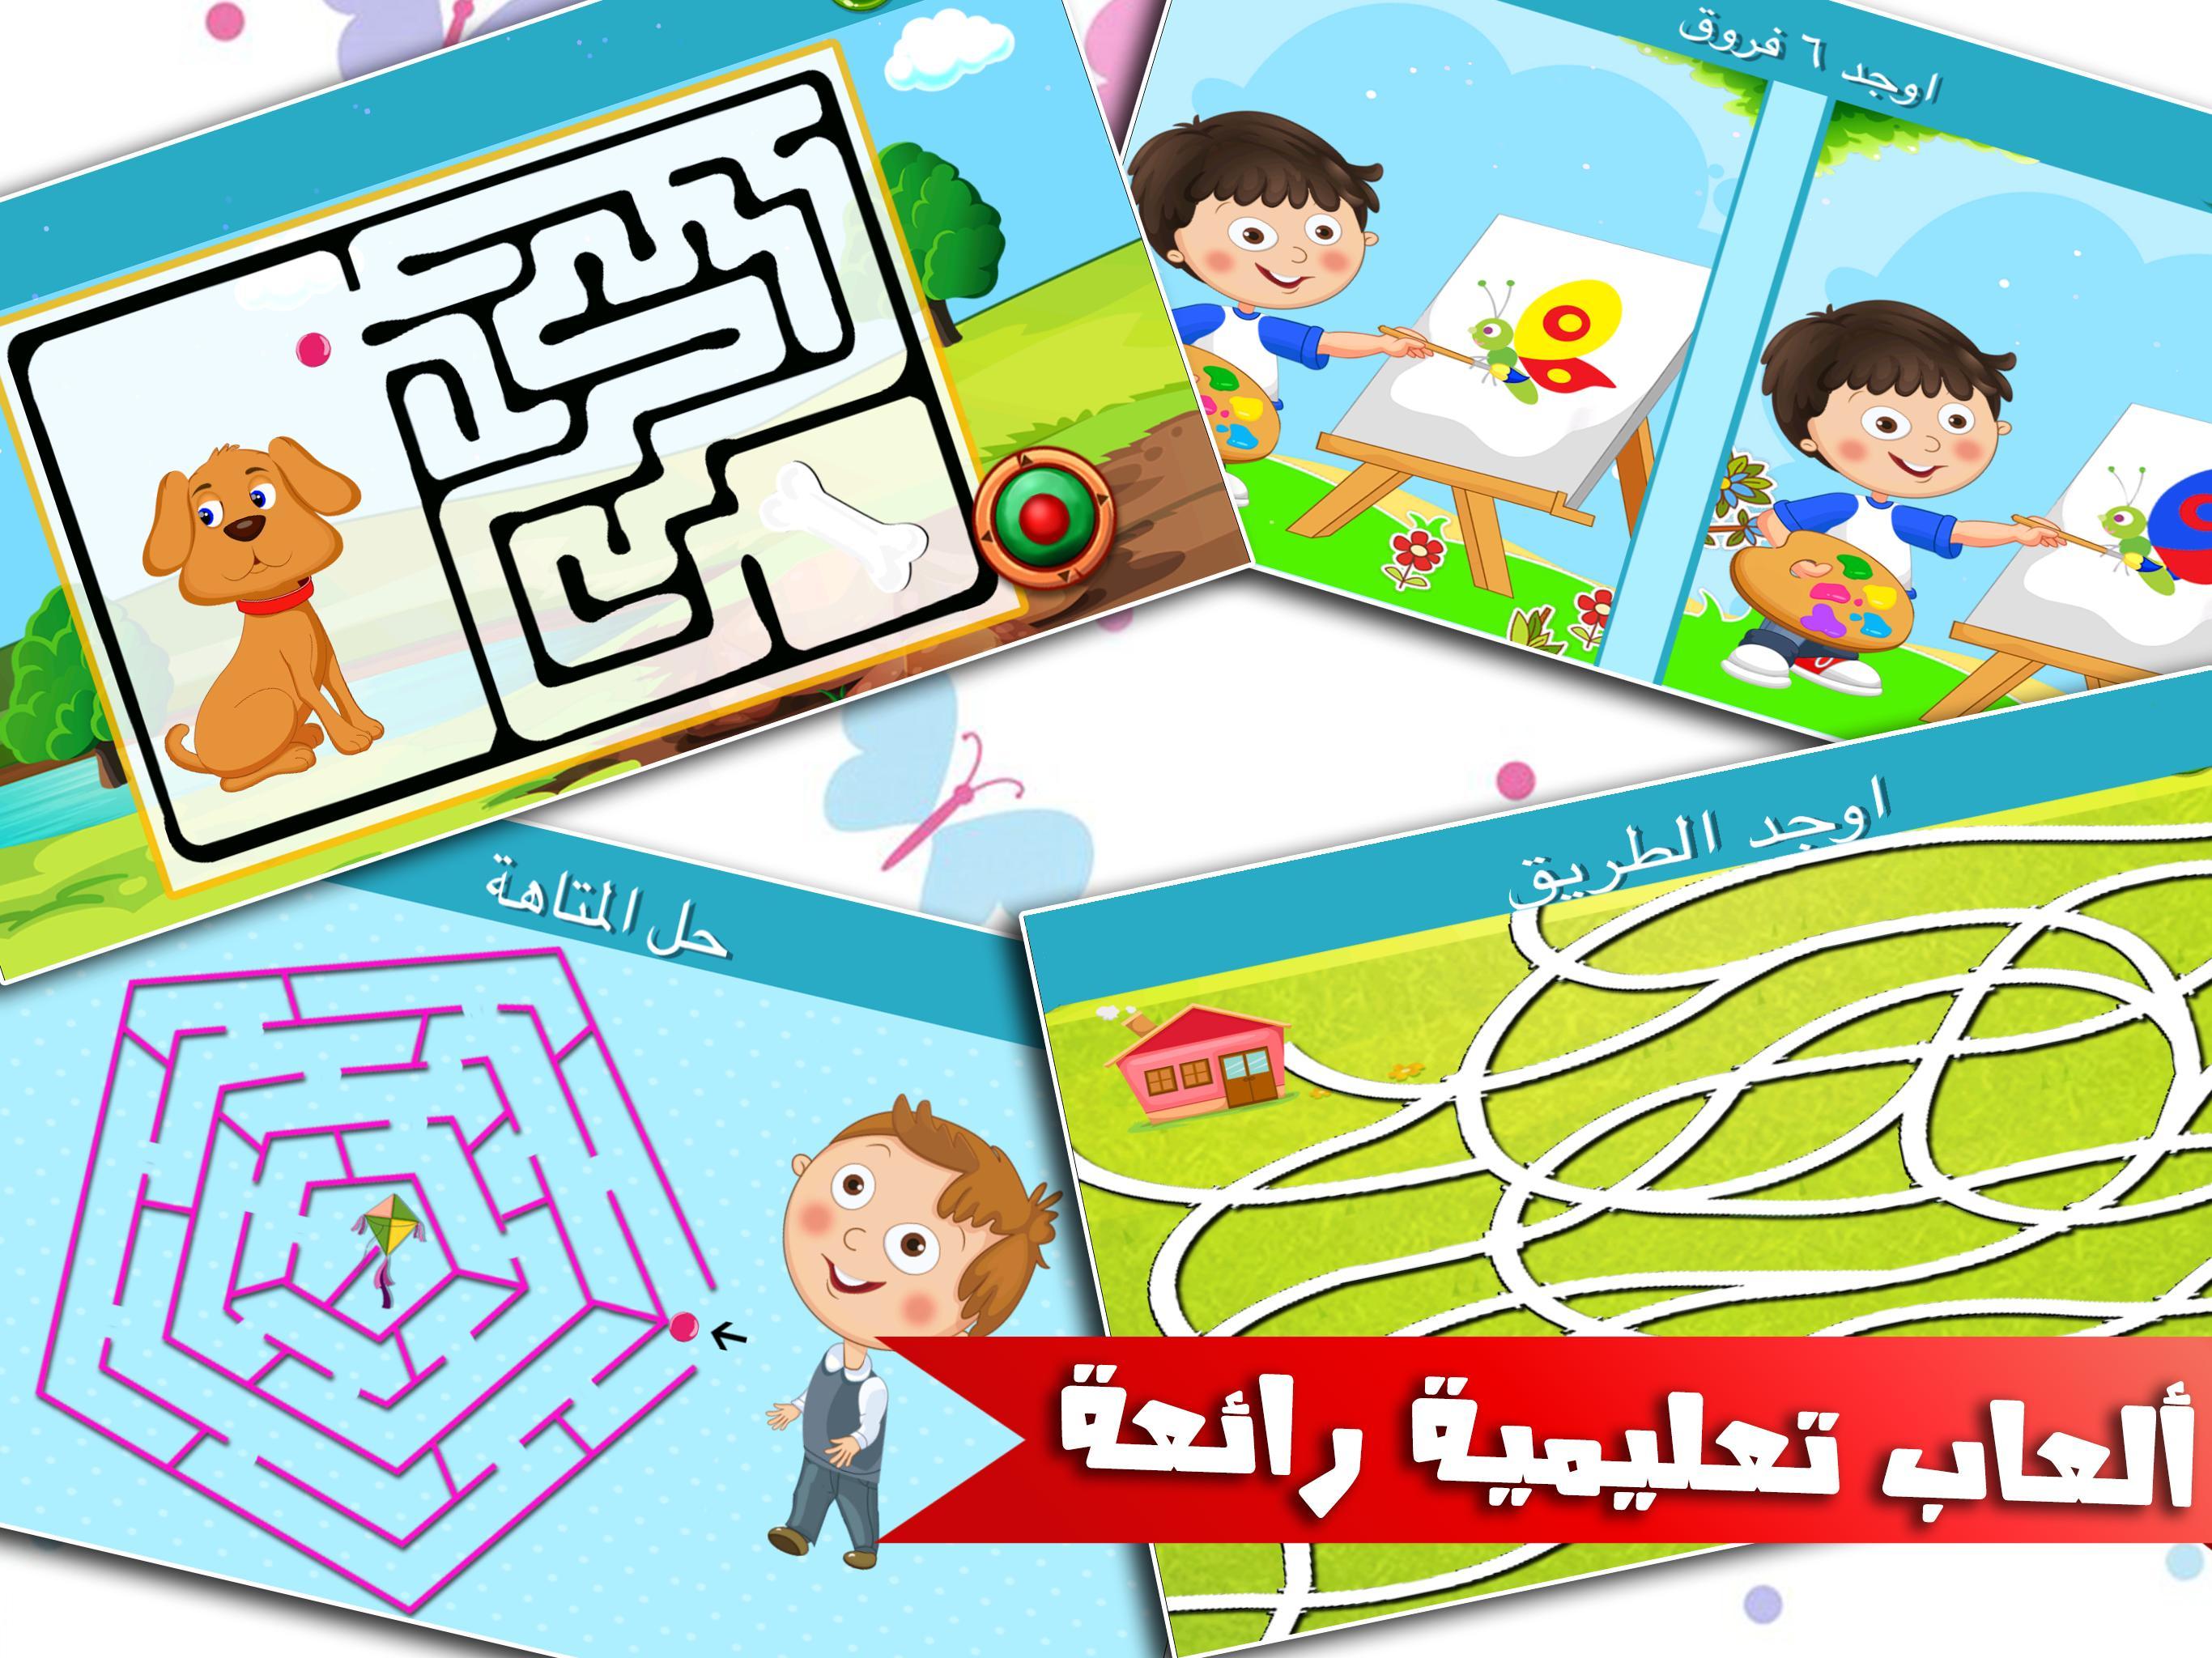 العاب ذكاء اطفال و بنات تعليمية التعليم و الذكاء 1.0.1 Screenshot 11